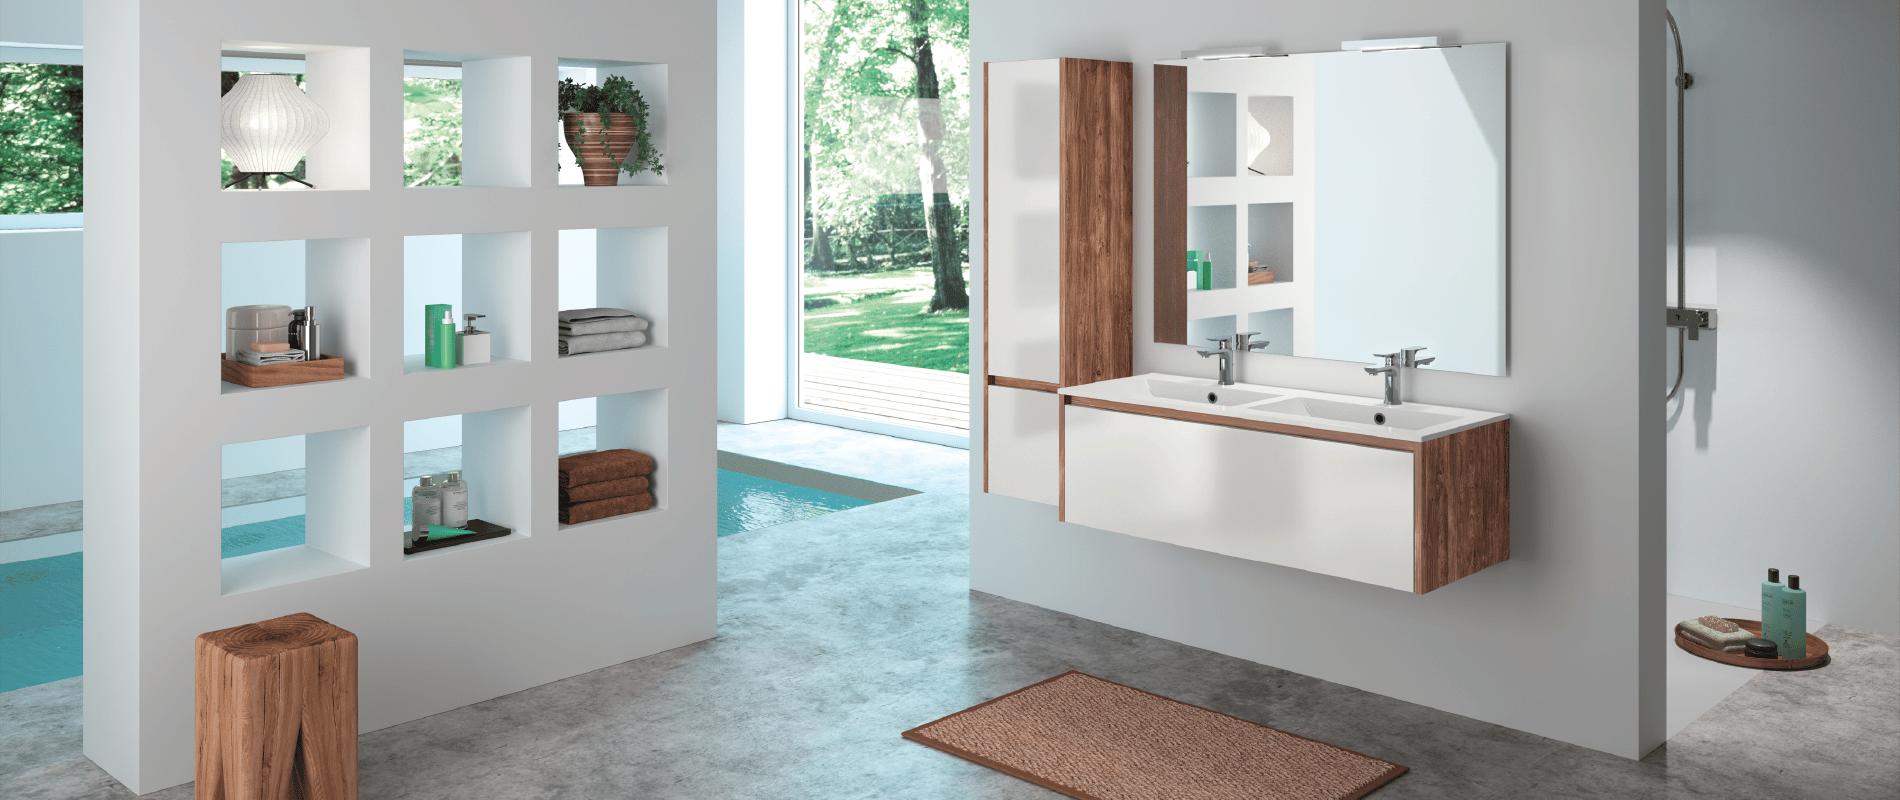 Salle de bain haut de gamme meubles sur mesure marque for Meubles haut de gamme belgique